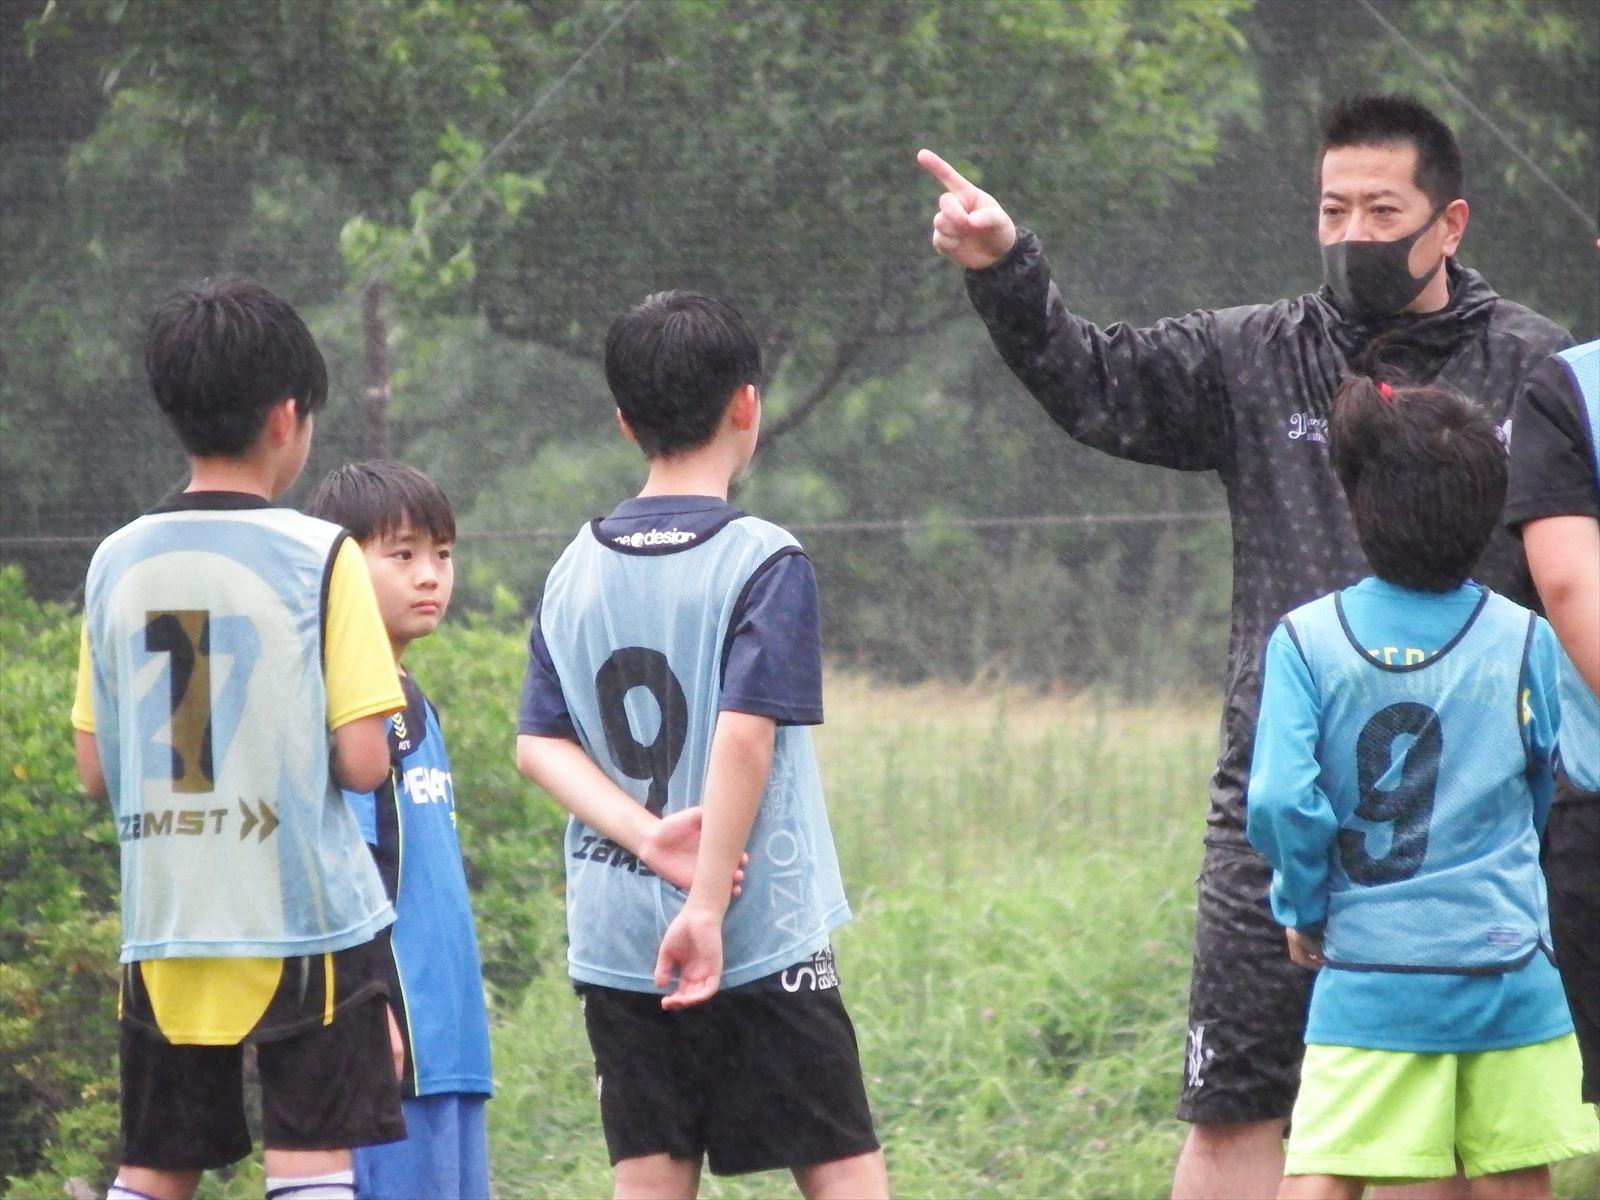 雨の練習、中々上がらないコンディション。